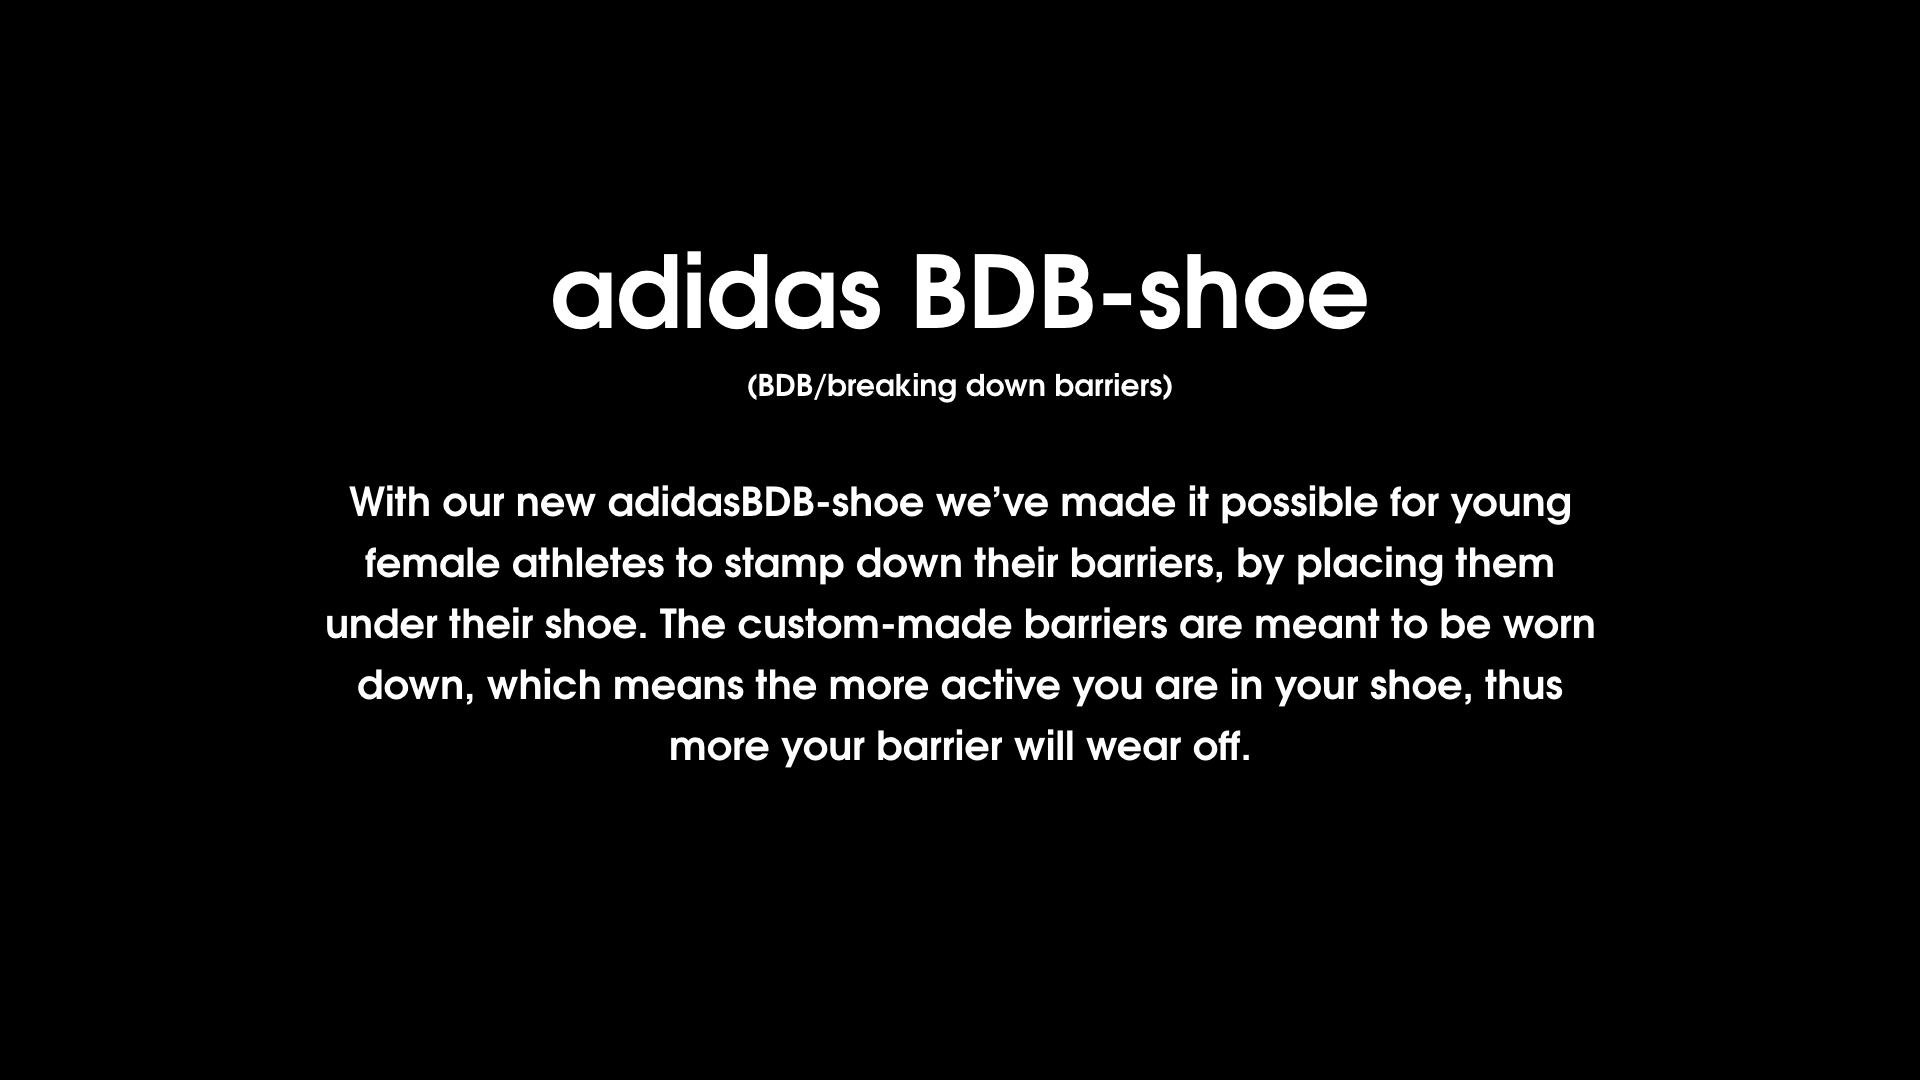 adidas bachelor 2019.011.jpeg